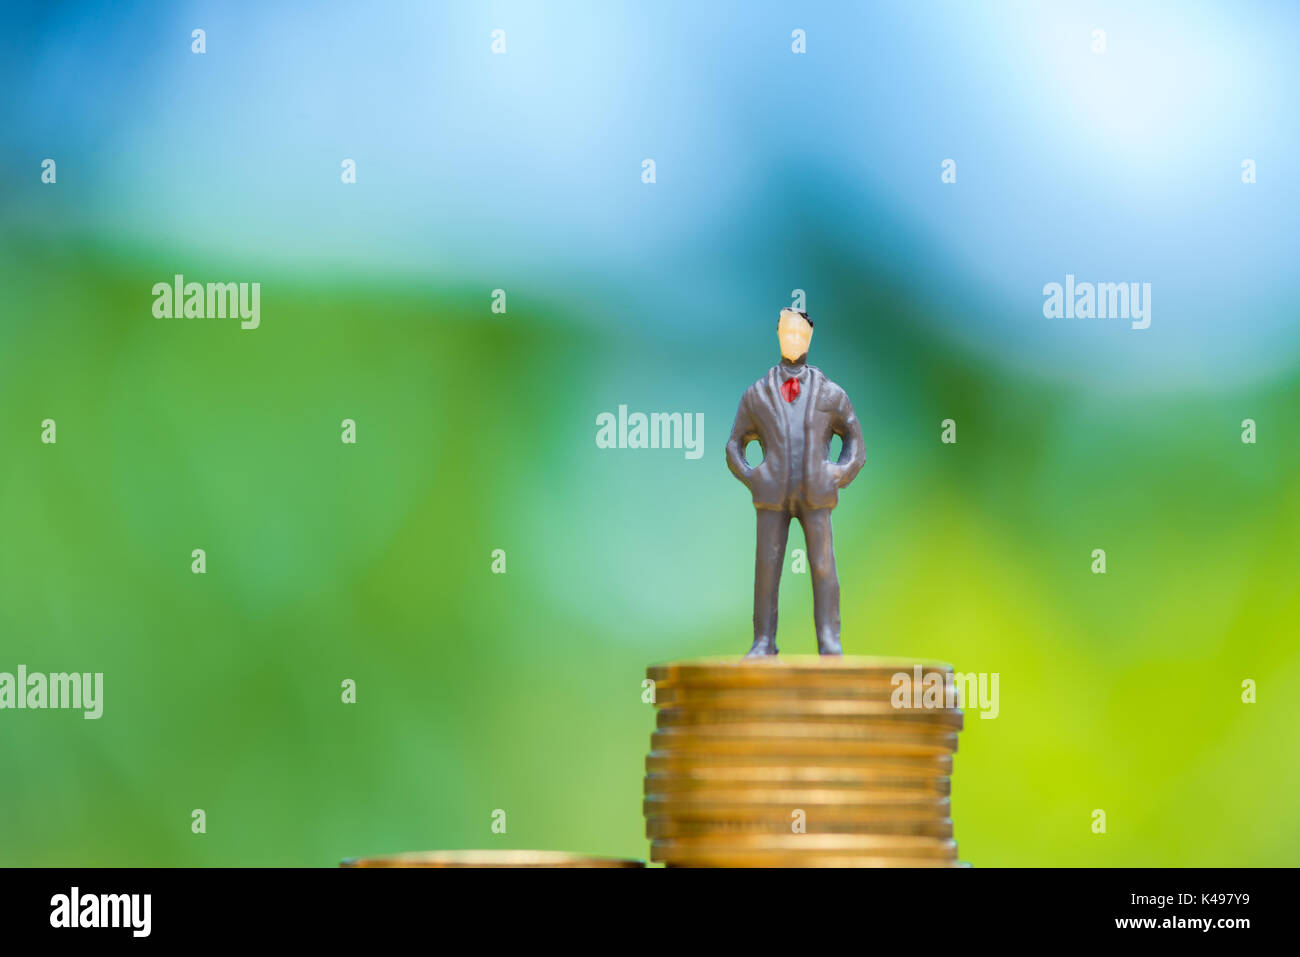 Les gens miniature, petits chiffres d'affaires se tenir sur des pièces. L'argent et des finances, la croissance de l'entreprise concept. L'accent peu profonds dans des tons doux. Photo Stock